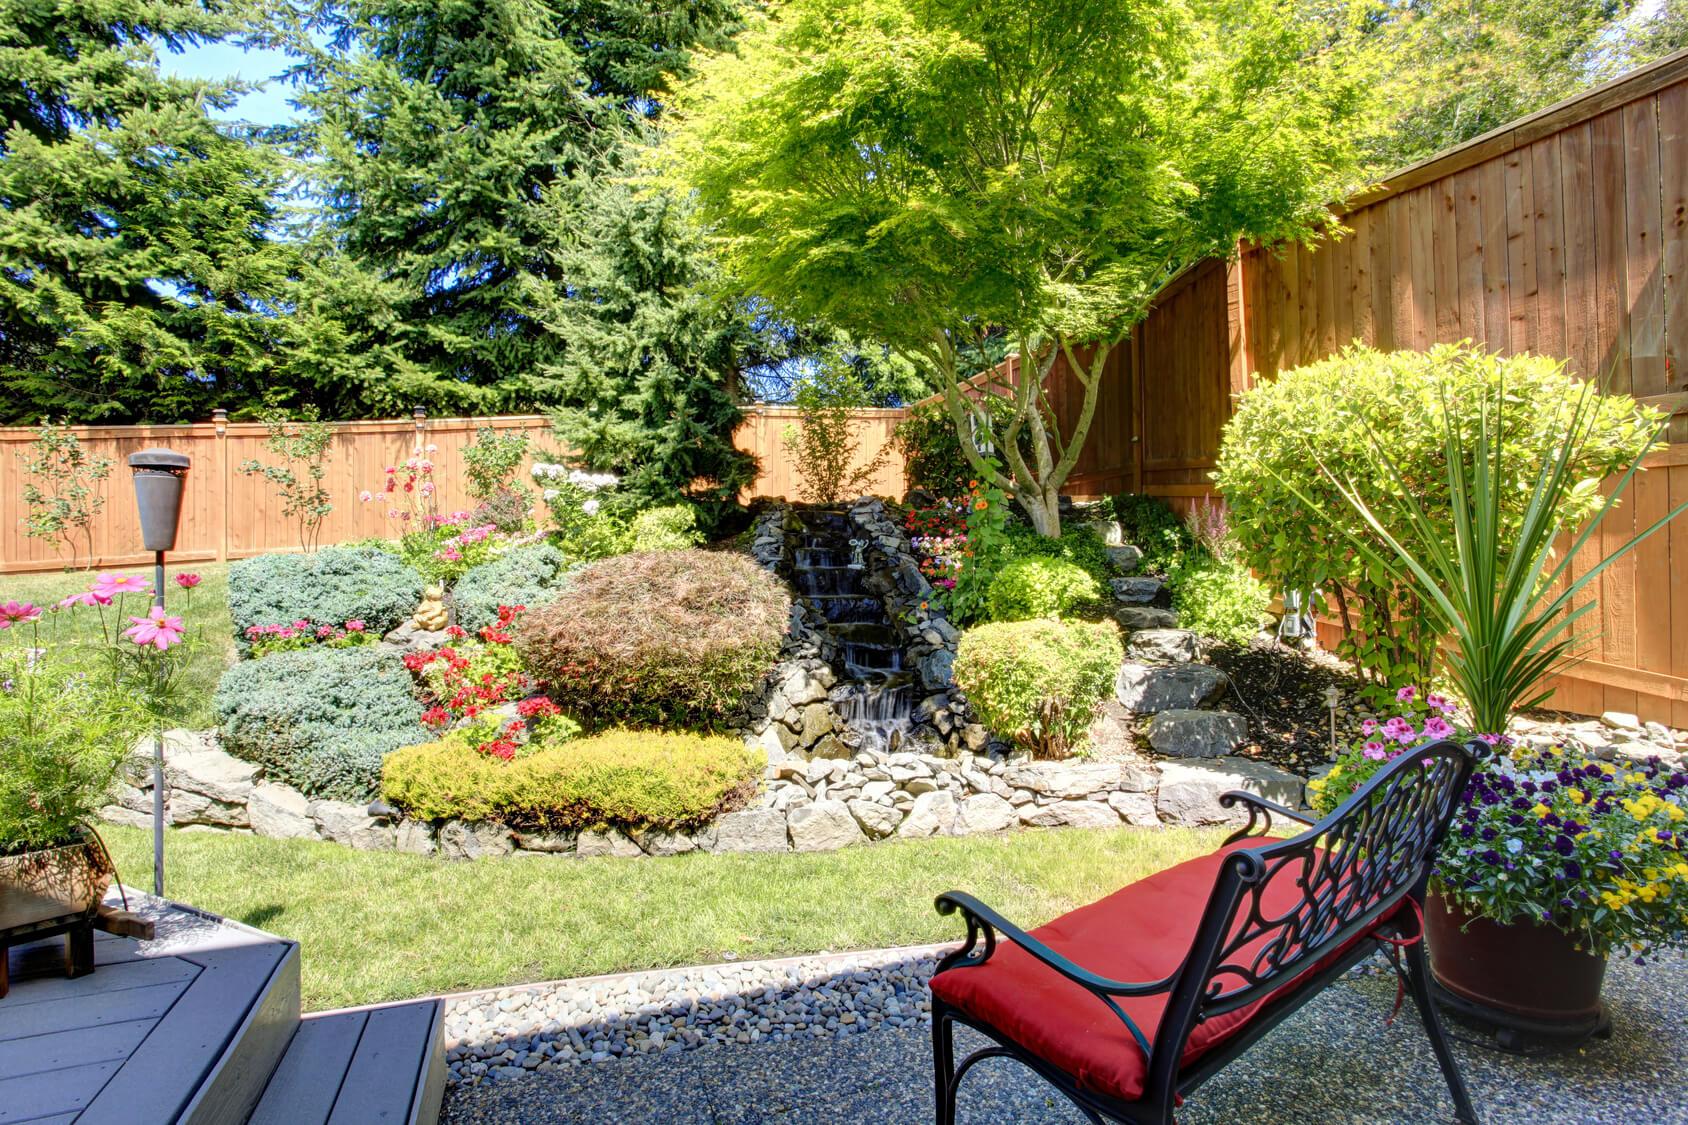 Gartengestaltung Tipps Für Den Kleinen Garten